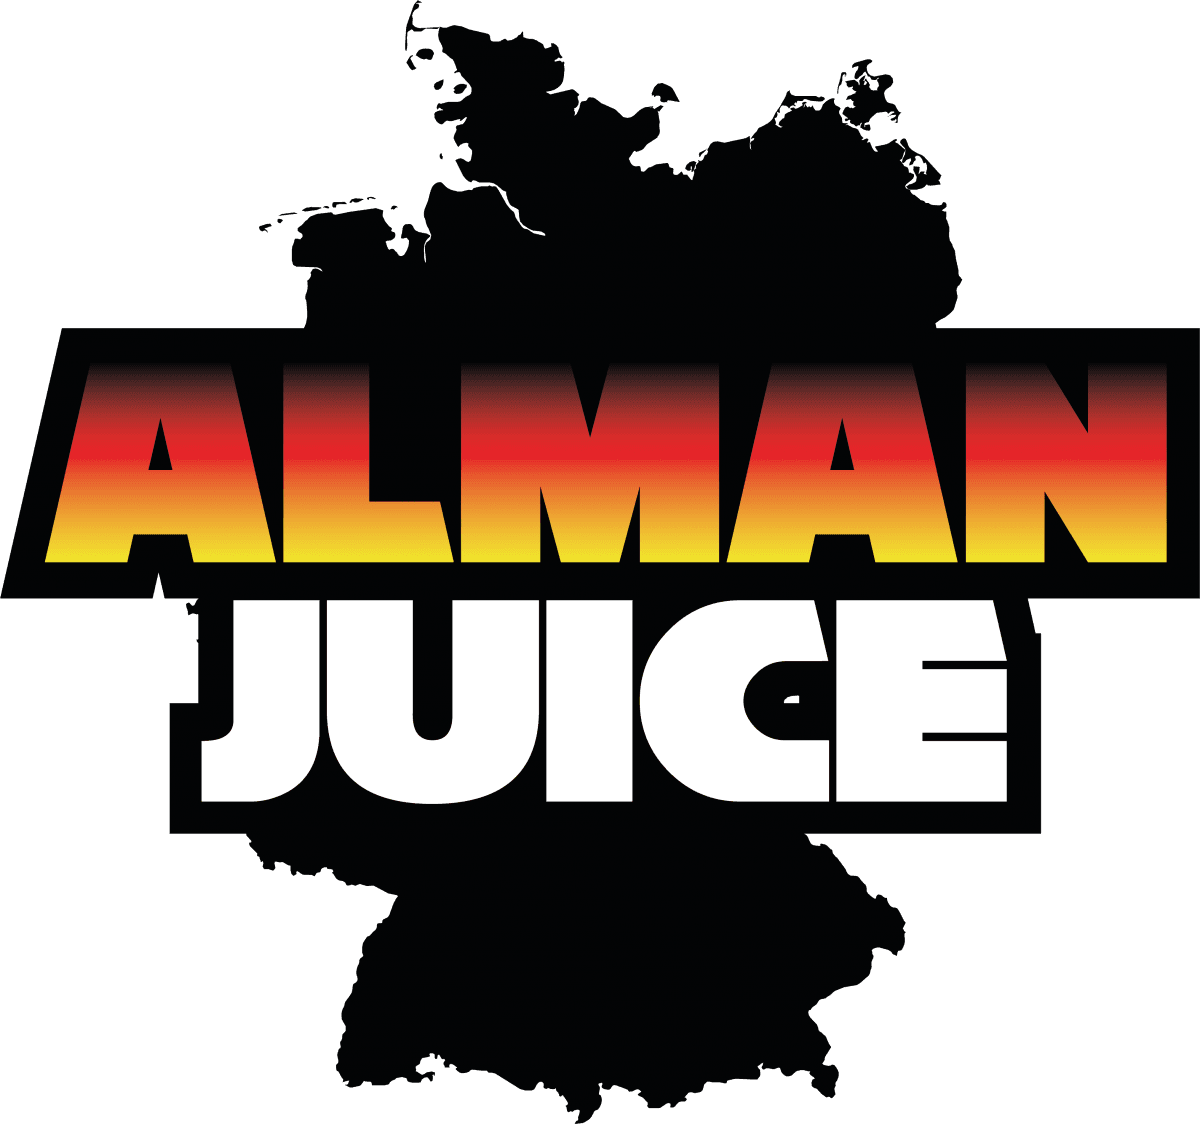 Alman Juice